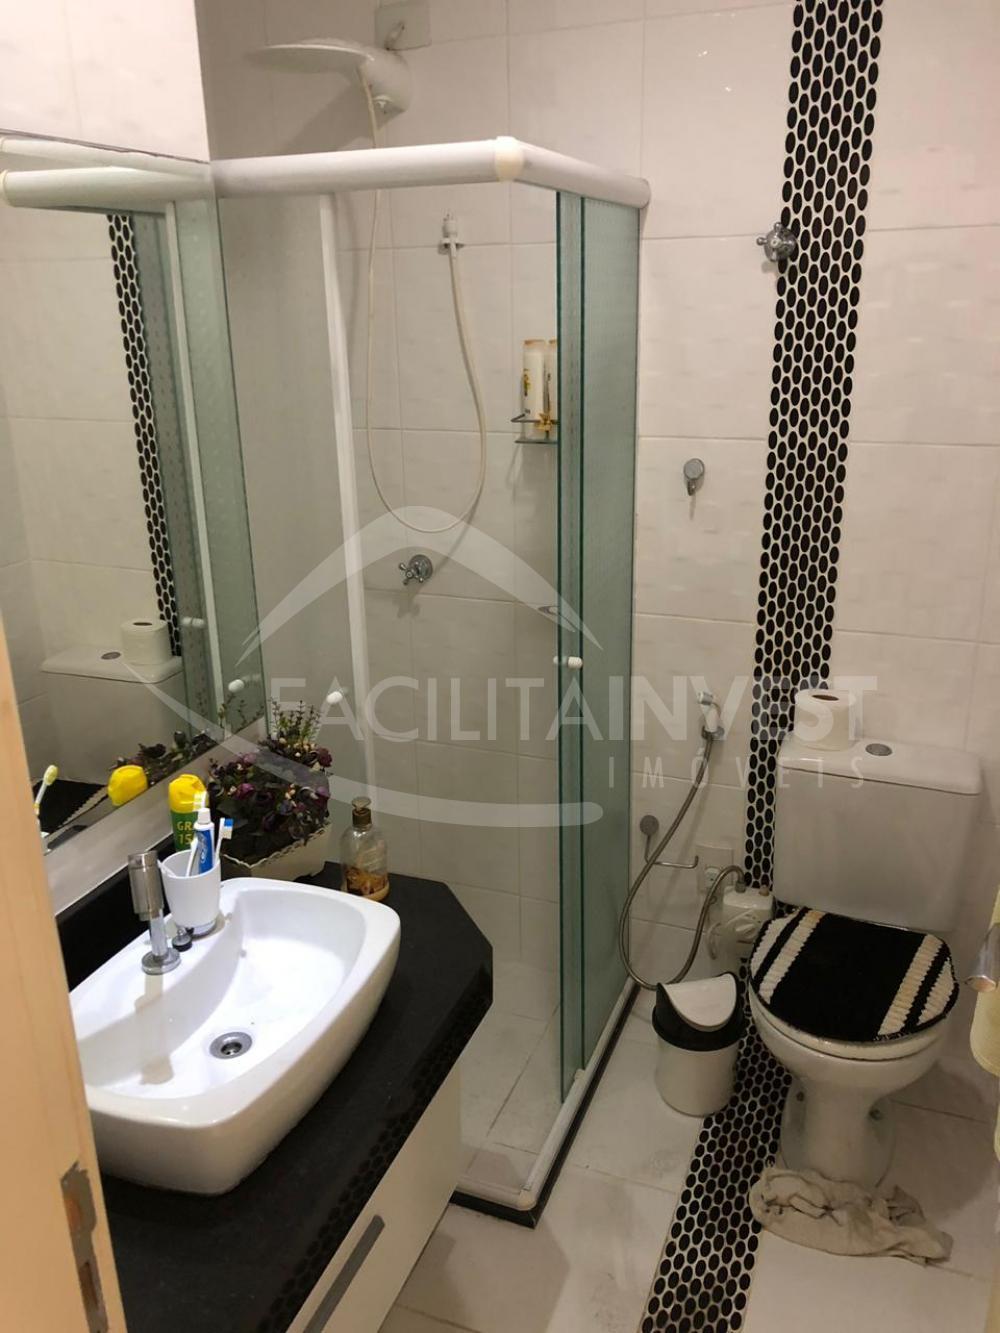 Comprar Apartamentos / Apart. Padrão em Santos apenas R$ 550.000,00 - Foto 17